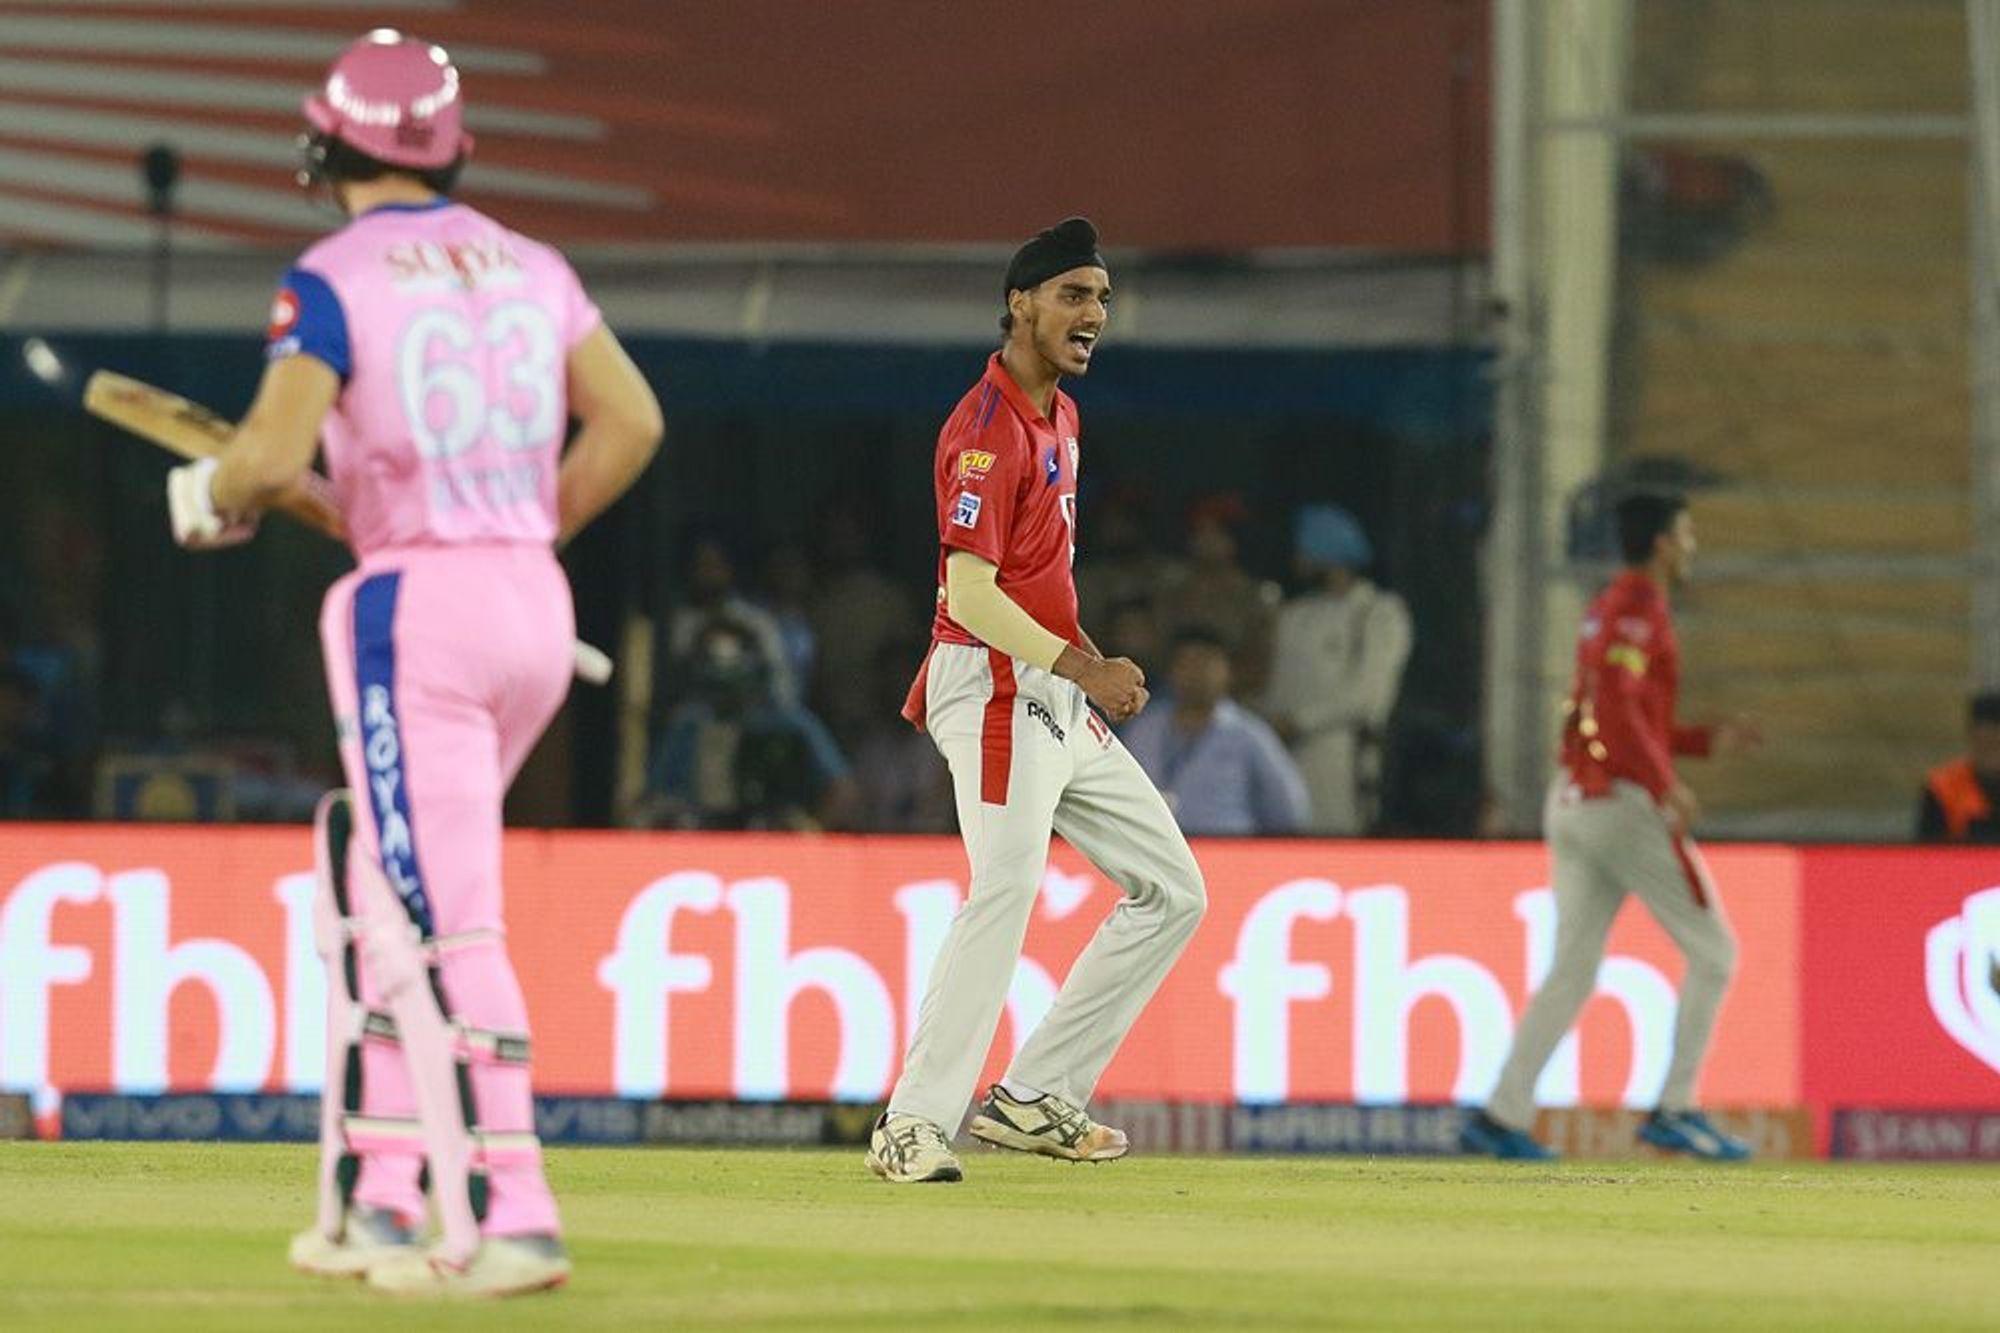 IPL 2019- जोस बटलर को अपने डेब्यू पर आउट करने के बाद 20 साल के अर्शदीप ने मनाया खास अंदाज में जश्न,